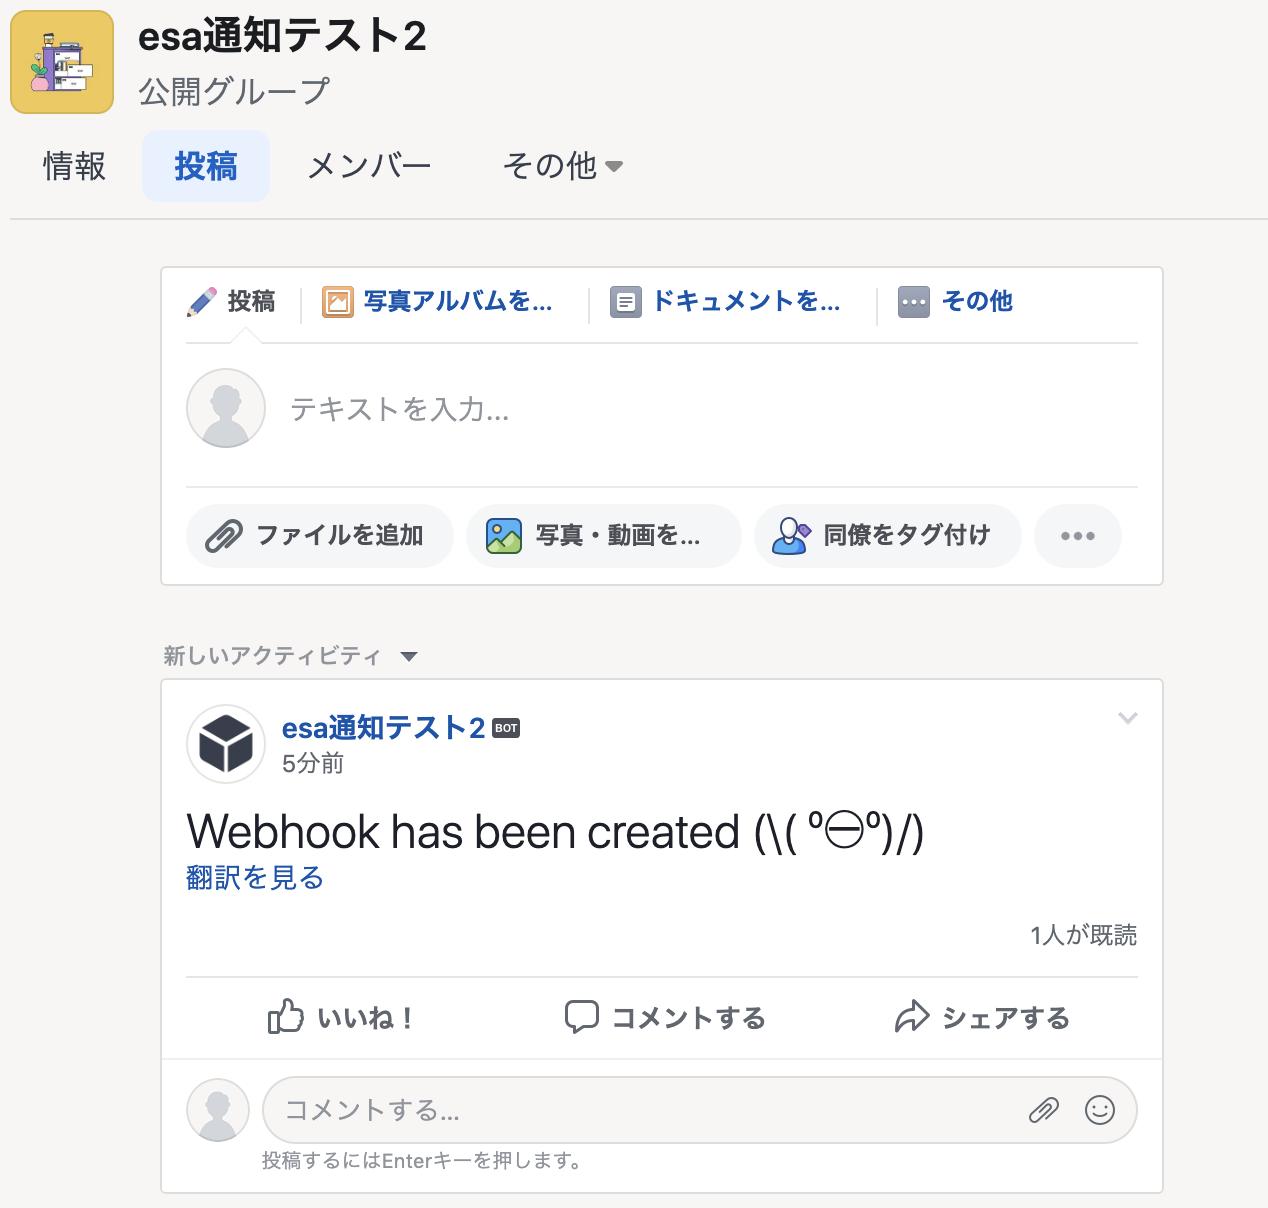 スクリーンショット 2019-05-16 11.38.08.png (205.5 kB)